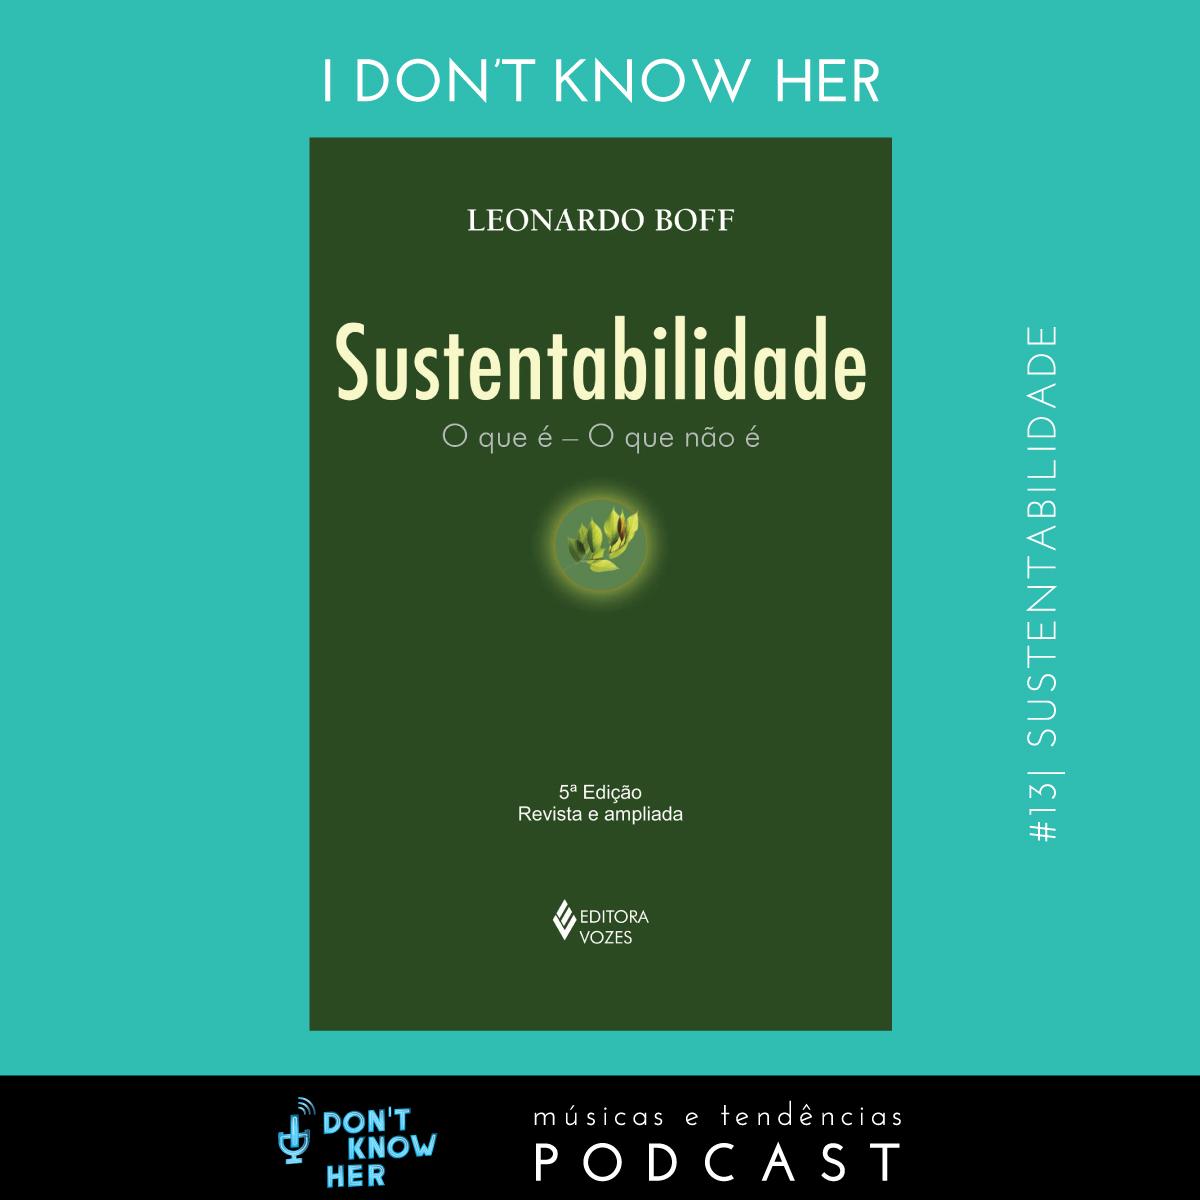 Ouça os comentários sobre o livro! https://idkh.home.blog/  #sustentabilidade #socioambiental #maisamor #salveanatureza #sustentabilidadecriativa #sustentabilidadebrasil #meioambiente #sustentável #podcastbrasil #podcastpt #podcastbr #podcastportugal #batepapo #podosferapic.twitter.com/jz1LPOqh5V